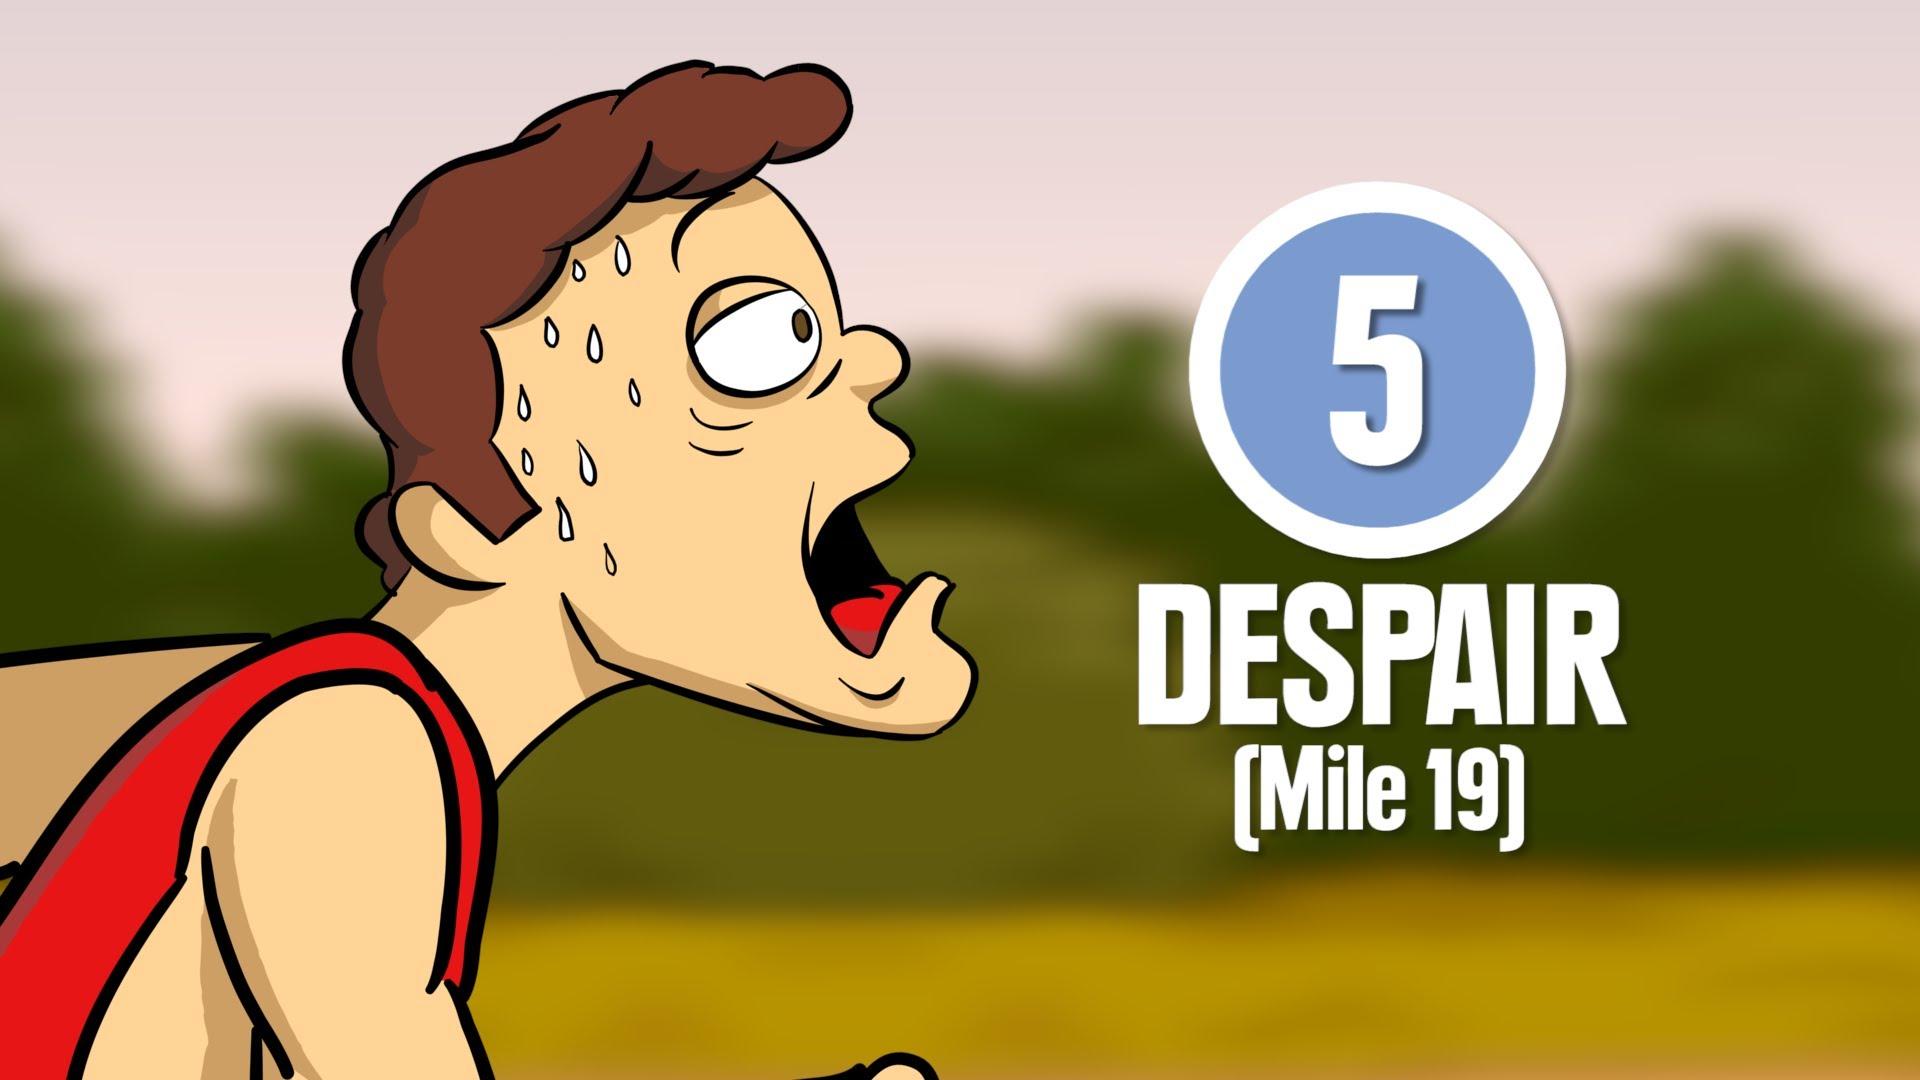 「跑馬拉松必經的八個階段,你一定感同身受!」- The 8 Stages of Running a Marathon